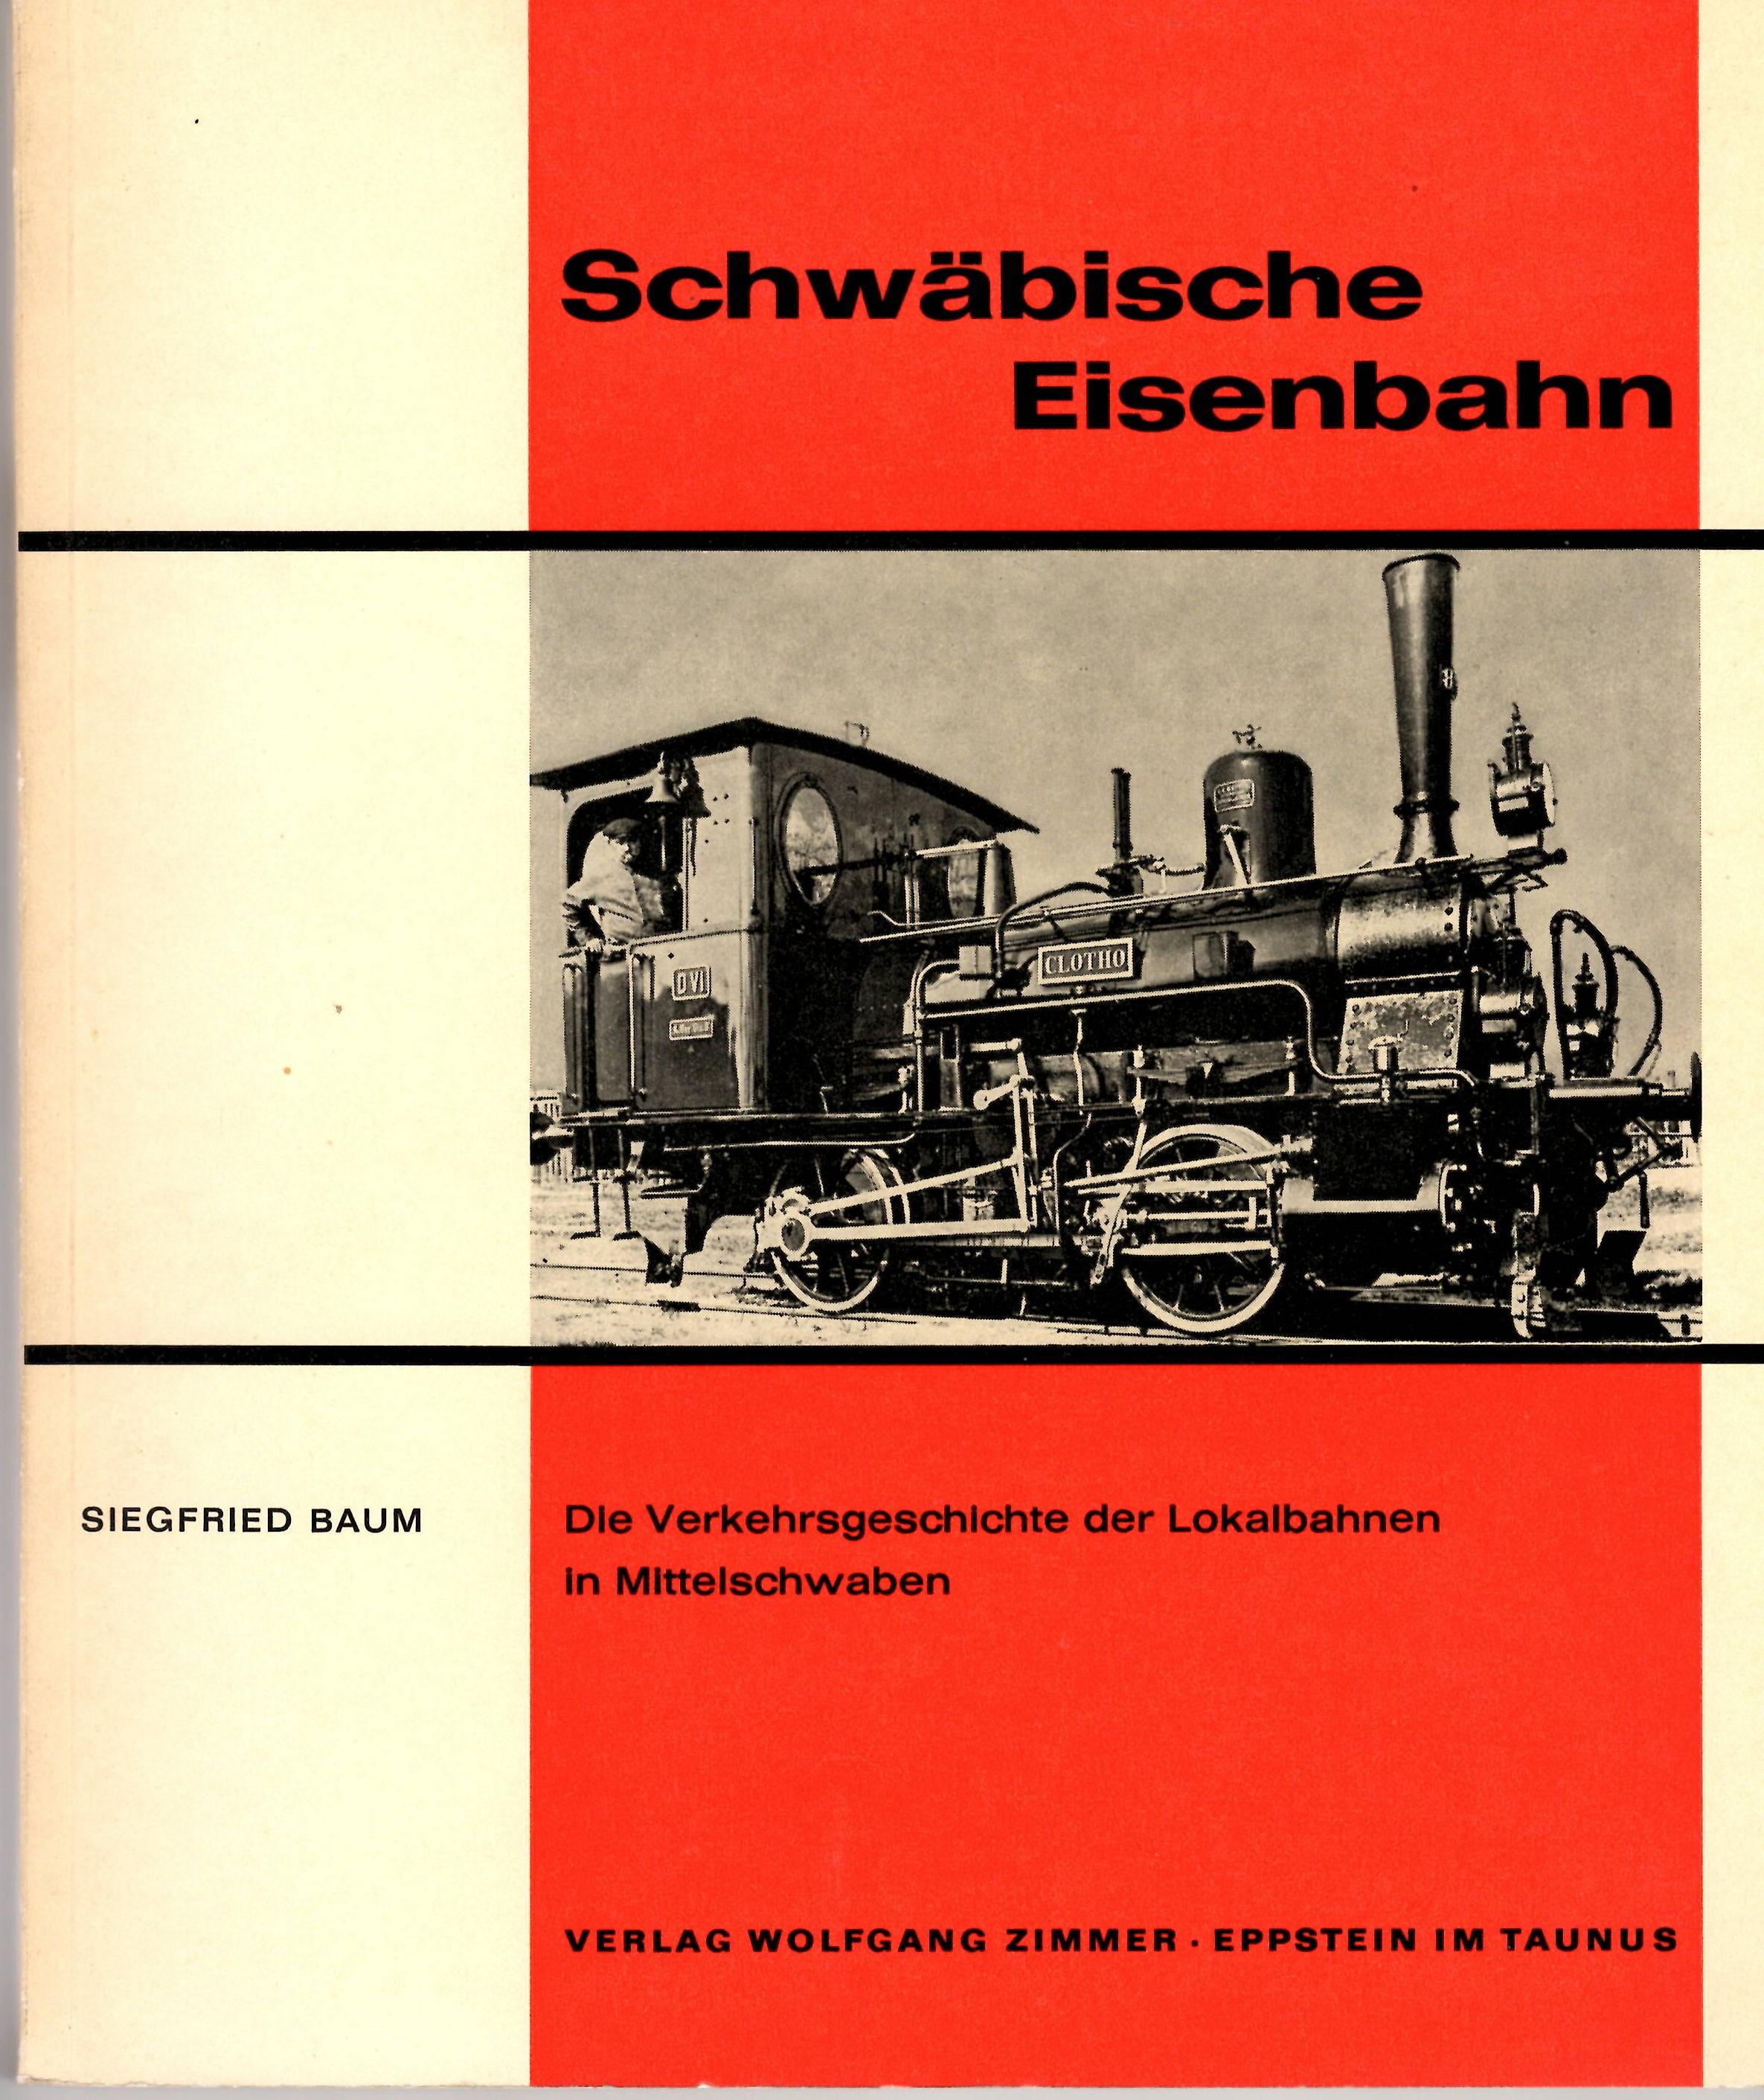 Schwäbische Eisenbahn - Die Verkehrsgeschichte der Lokalbahnen in Mittelschwaben  - Siegfried Baum | günstig bestellen bei Modelleisenbahn Center  MCS Vertriebs GmbH